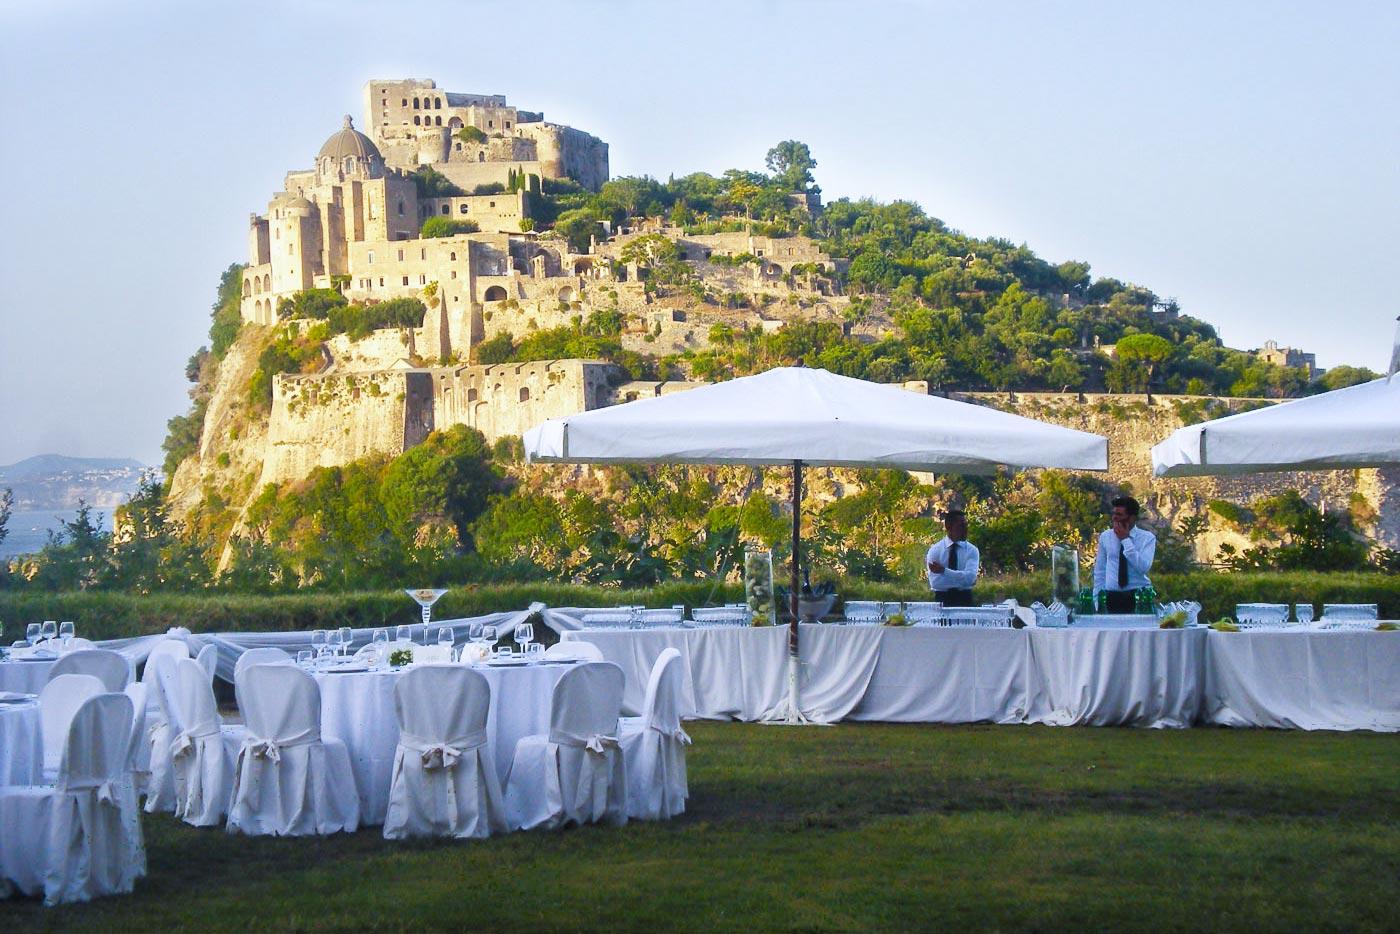 gourmet_in_movimento_nello_patalano_chef_castello_aragonese_0